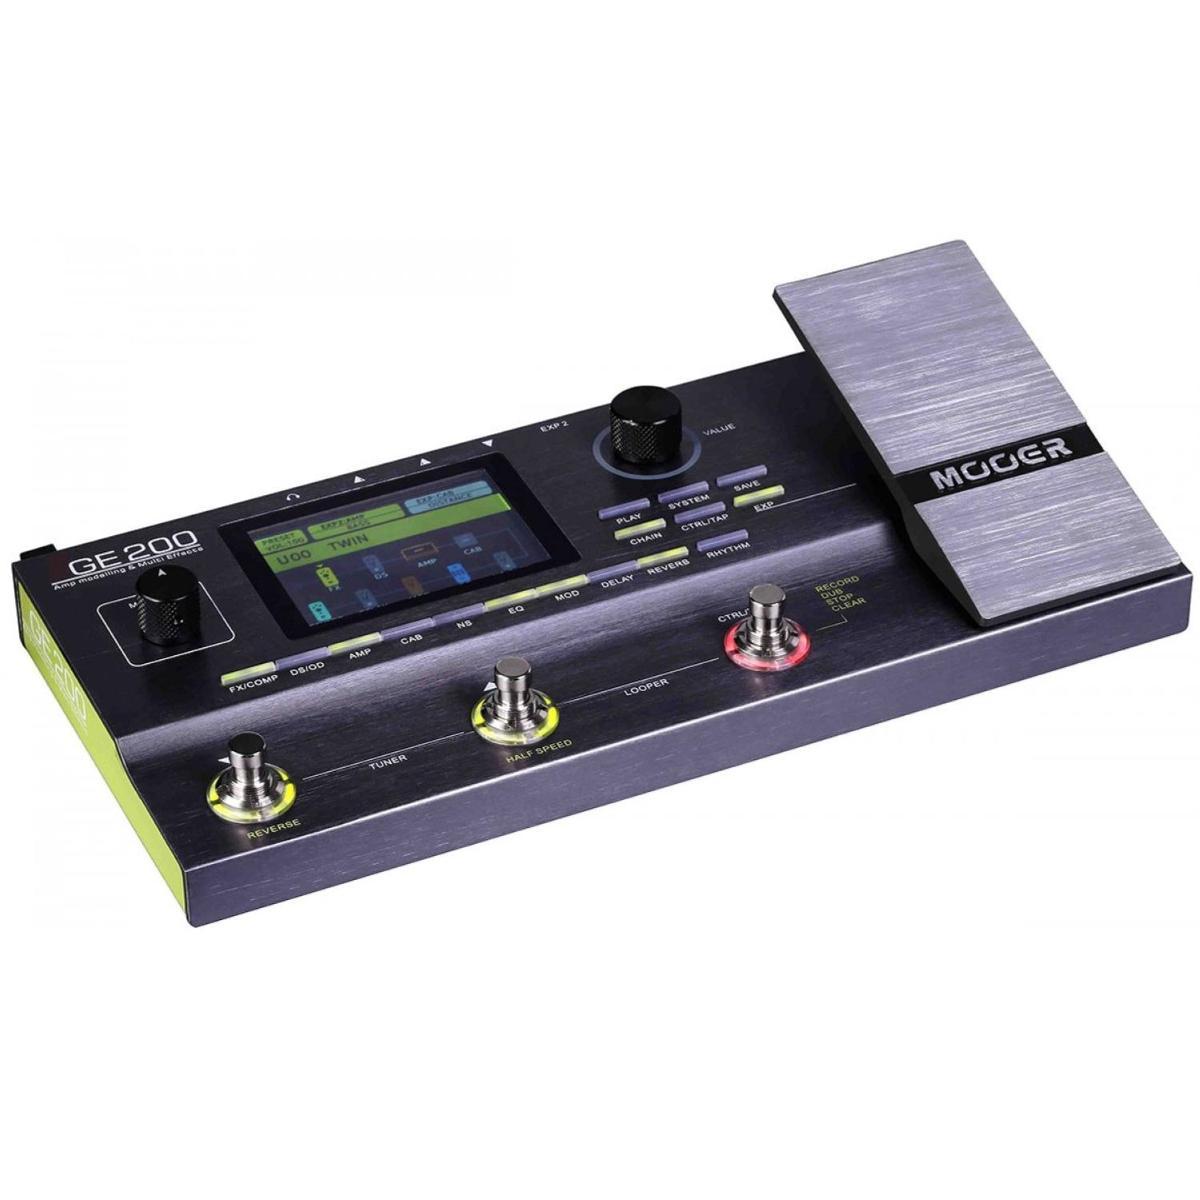 Гитарный процессор эффектов Mooer GE200